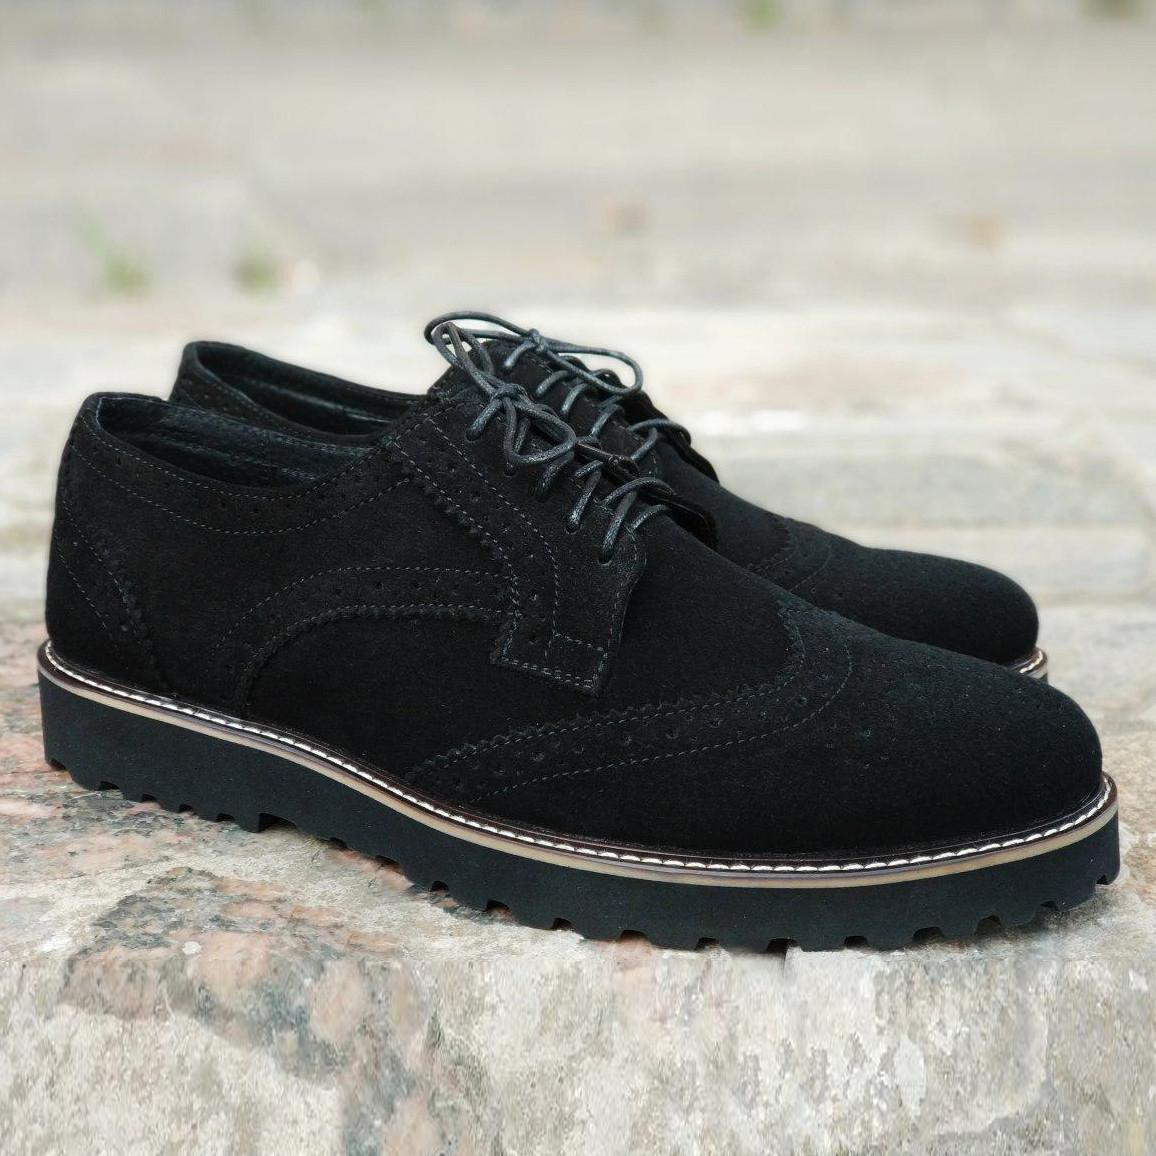 Туфлі броги чоловічі чорні замшеві Онікс (Onyx) від бренду Legessy розмір 40, 41, 42, 43, 44, 45